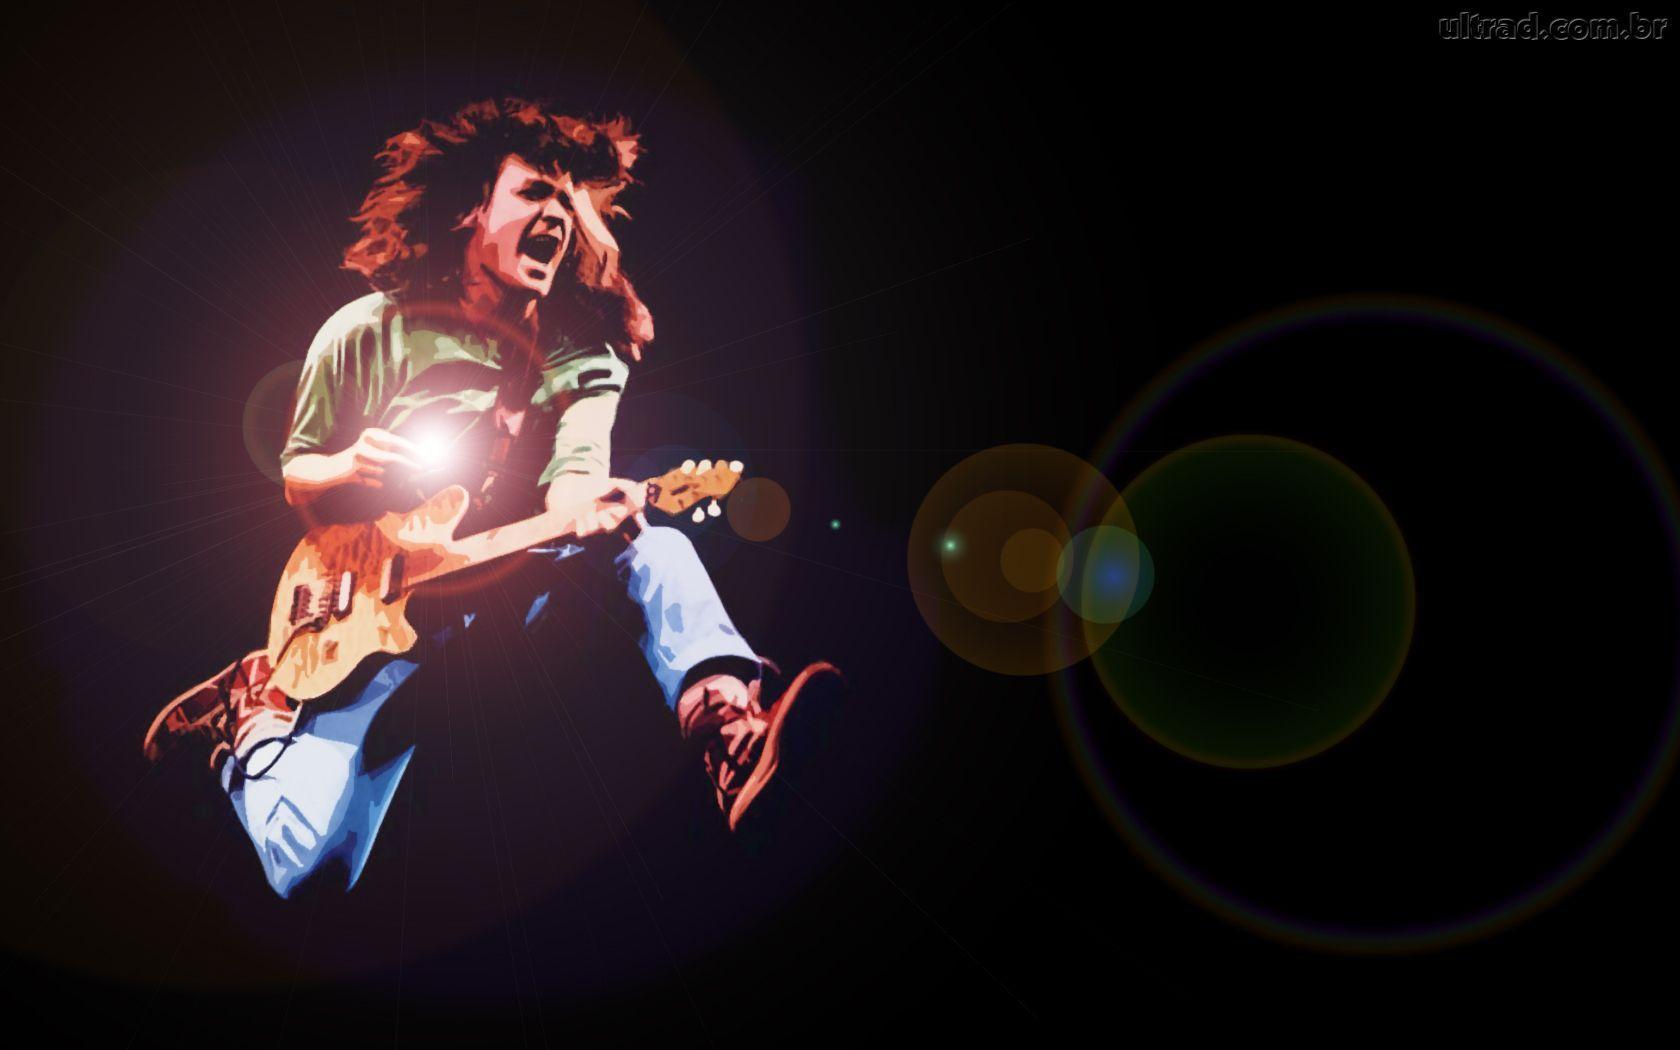 222   Eddie Van Halen Wallpaper 19558129 1680x1050